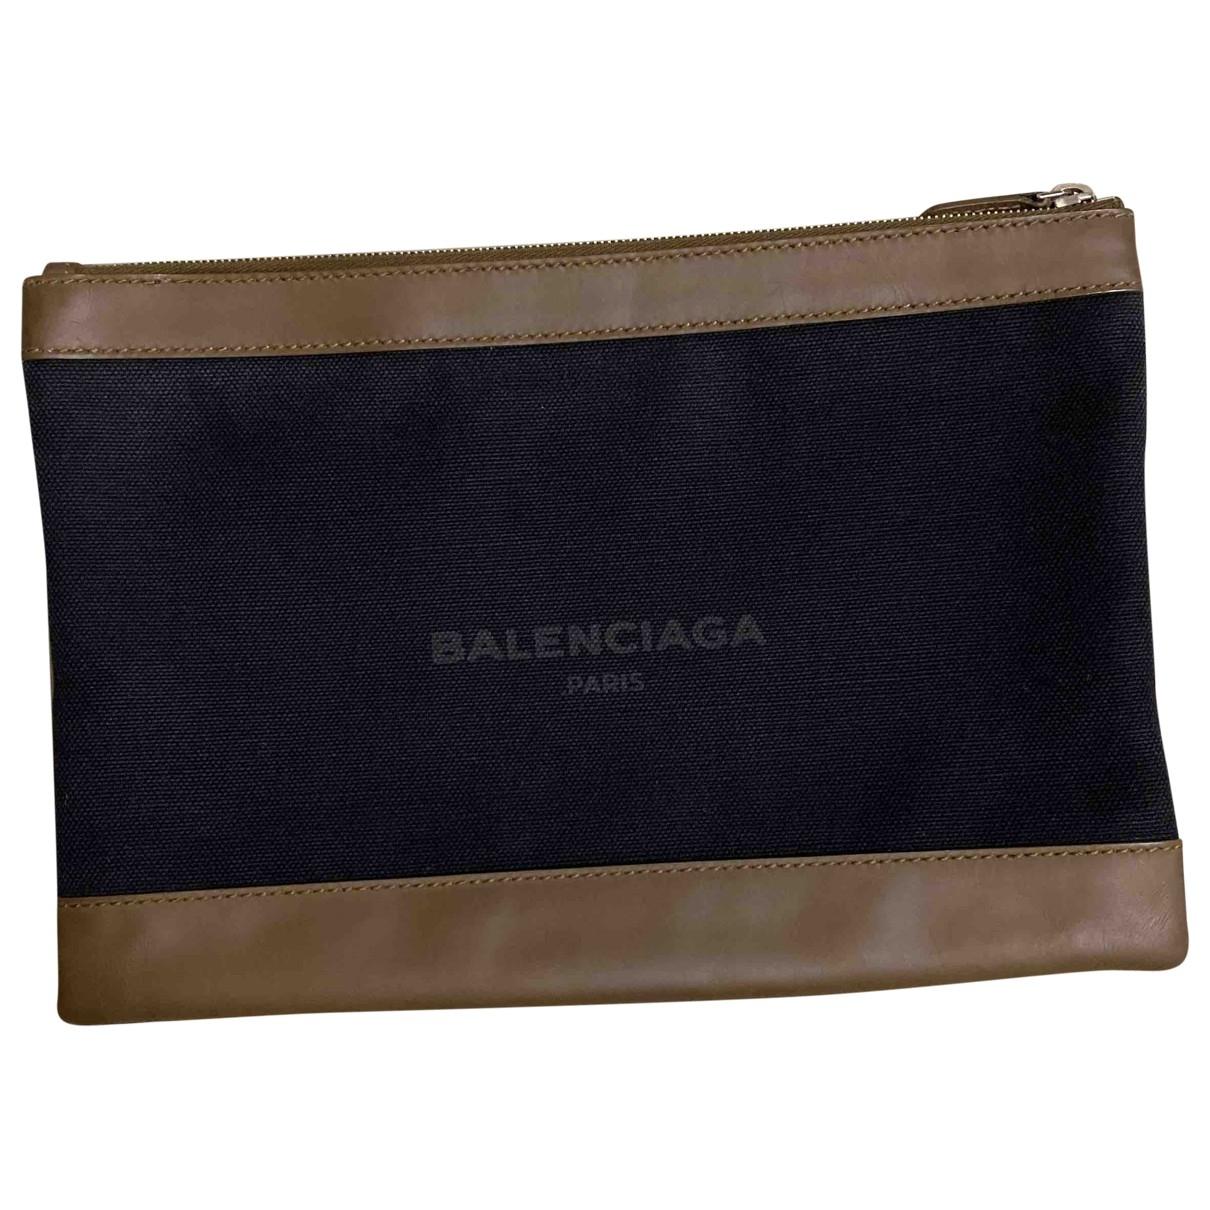 Balenciaga - Petite maroquinerie   pour homme en toile - noir